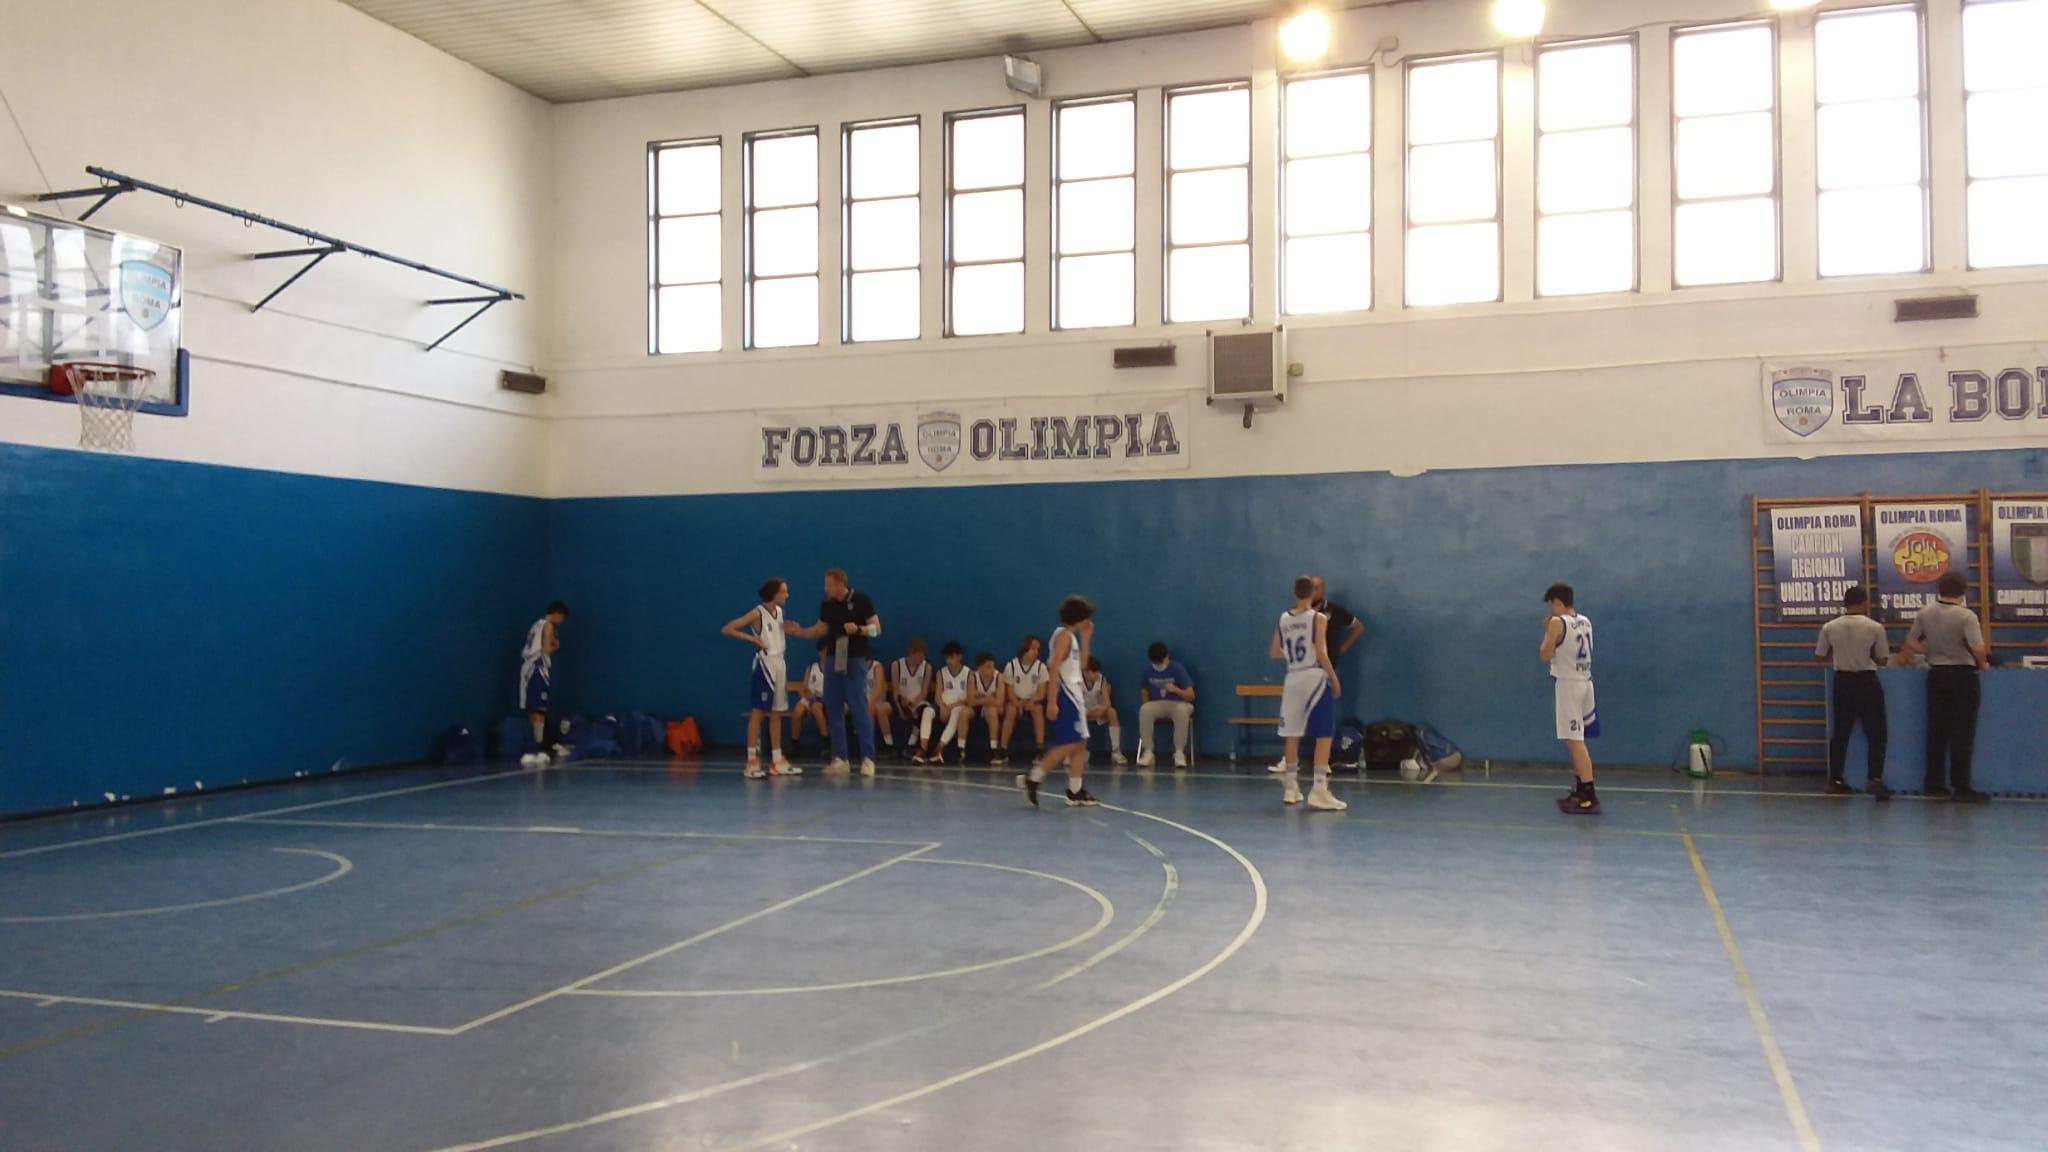 U14  Olimpia Roma - Liceum Bk  54 - 73 1